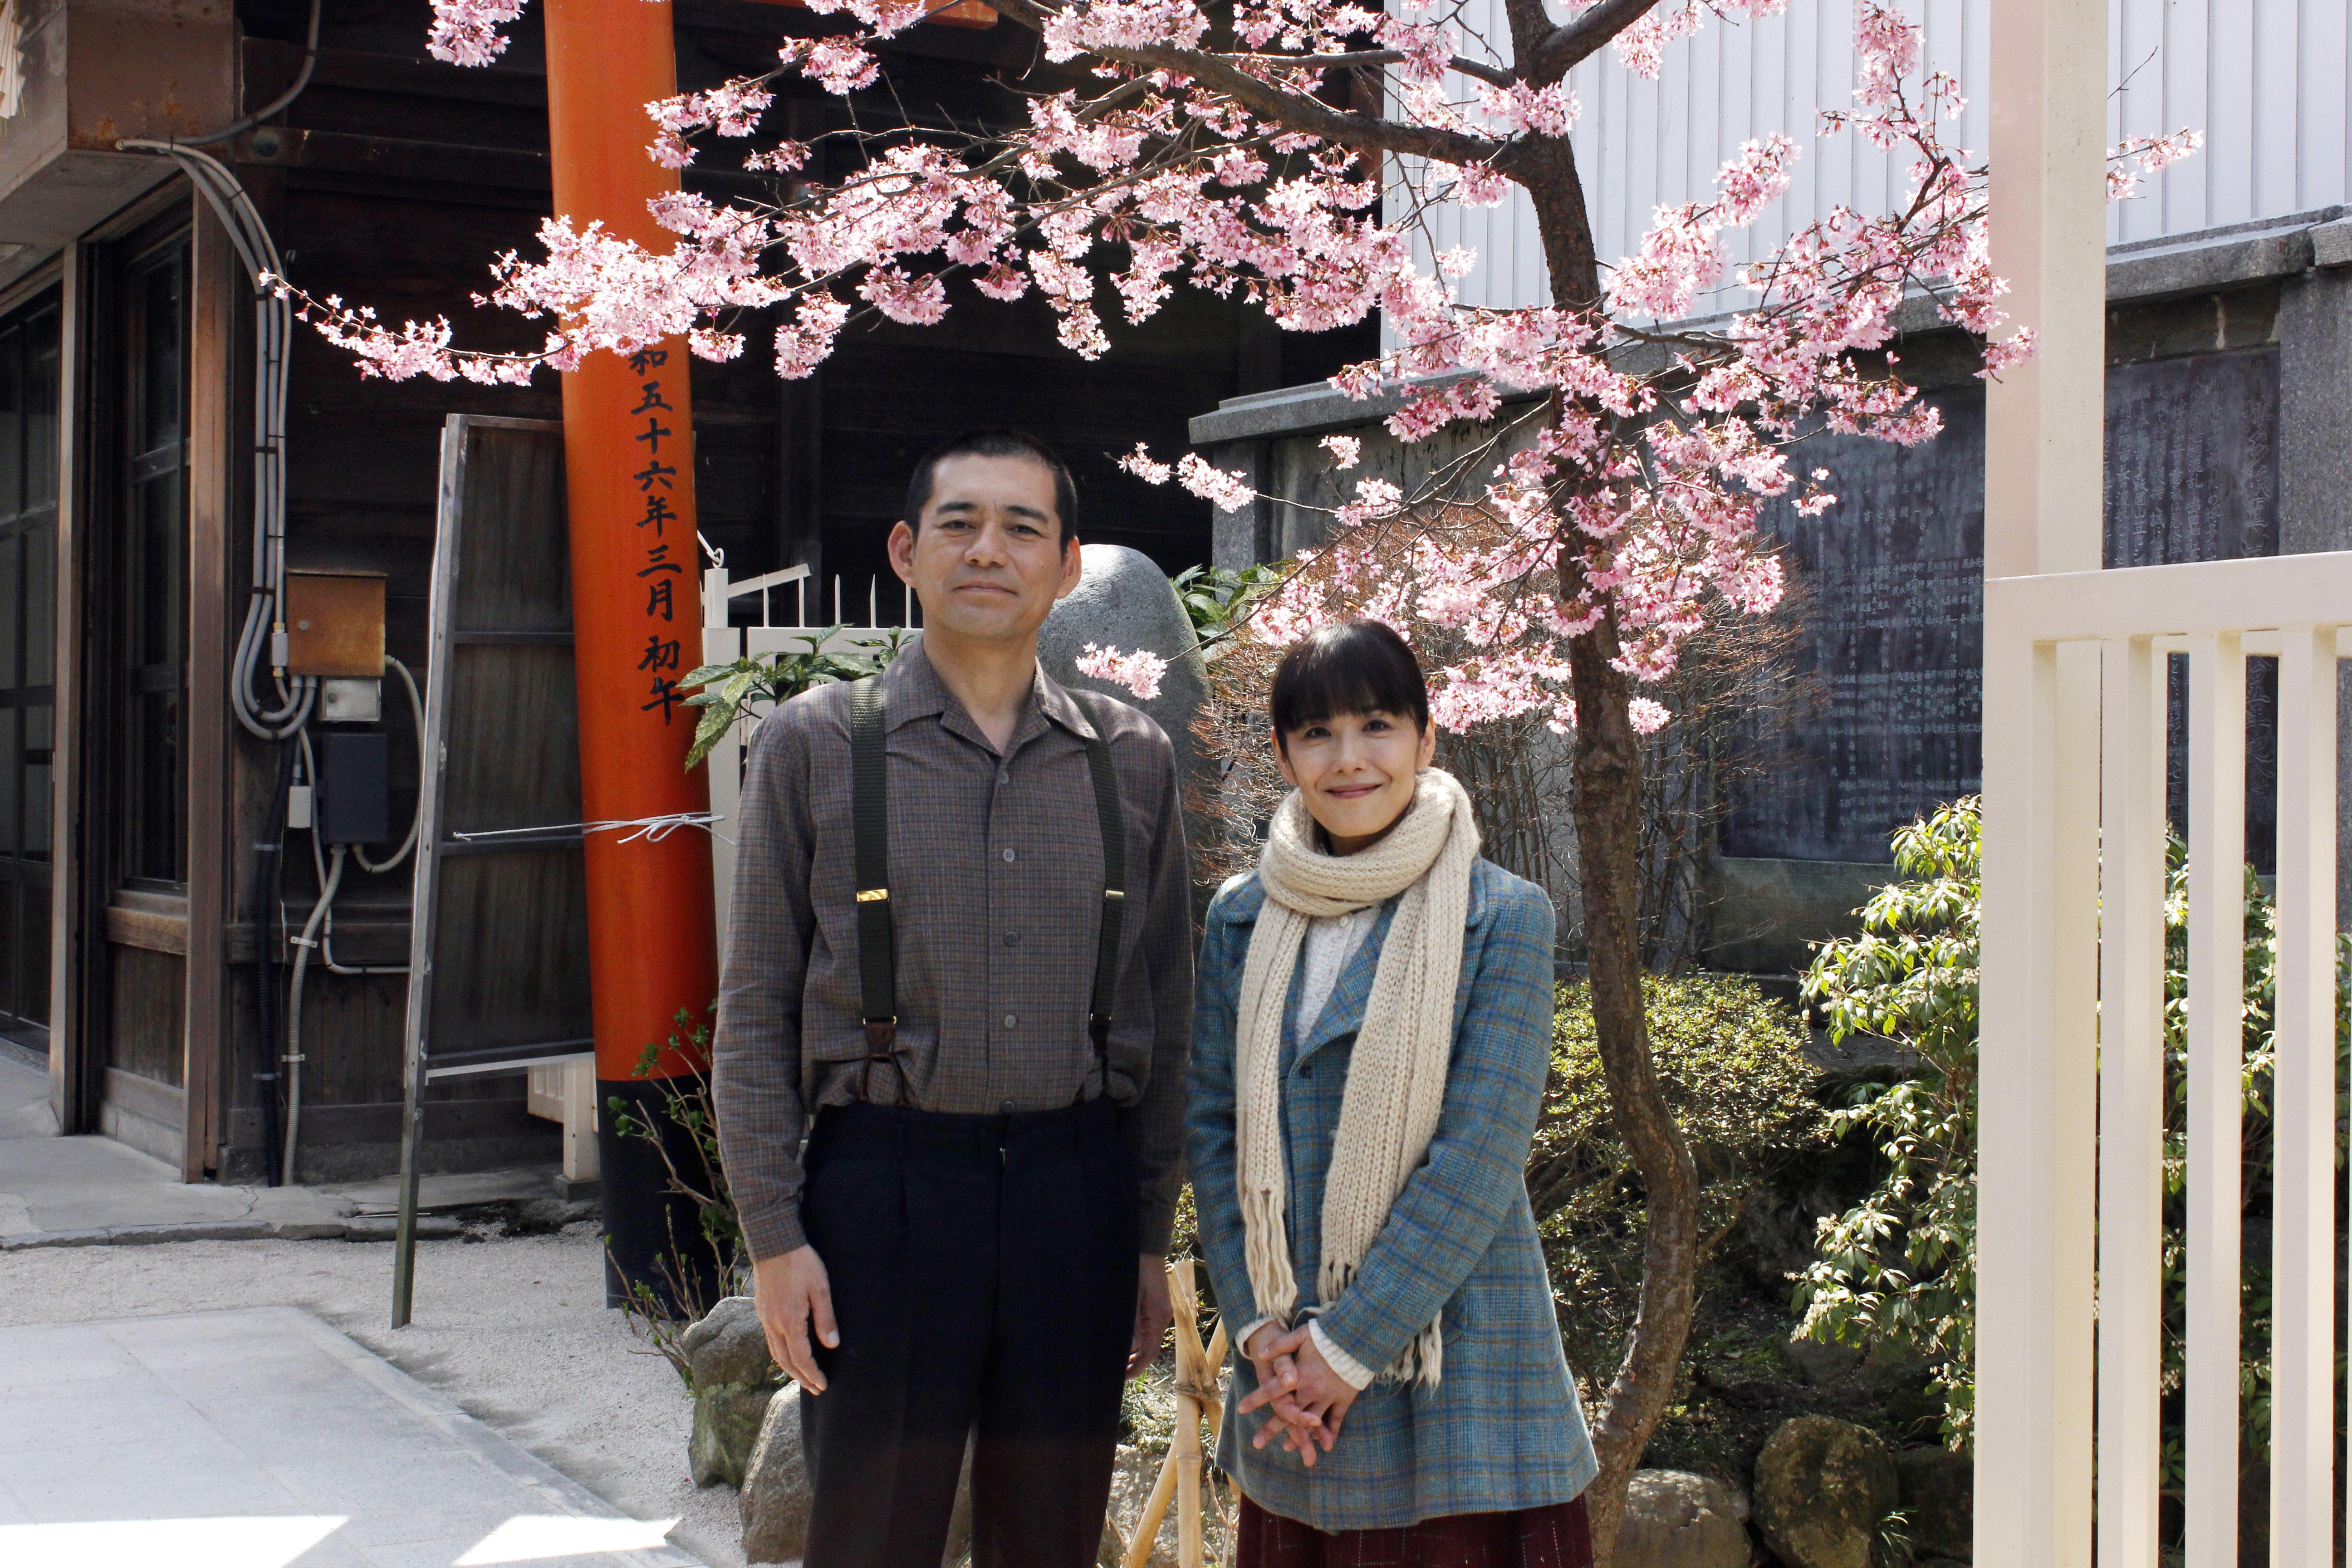 http://news.yoshimoto.co.jp/20180313205814-0263b661c14ab32e584c5657a24d777d6d53eaa6.jpg